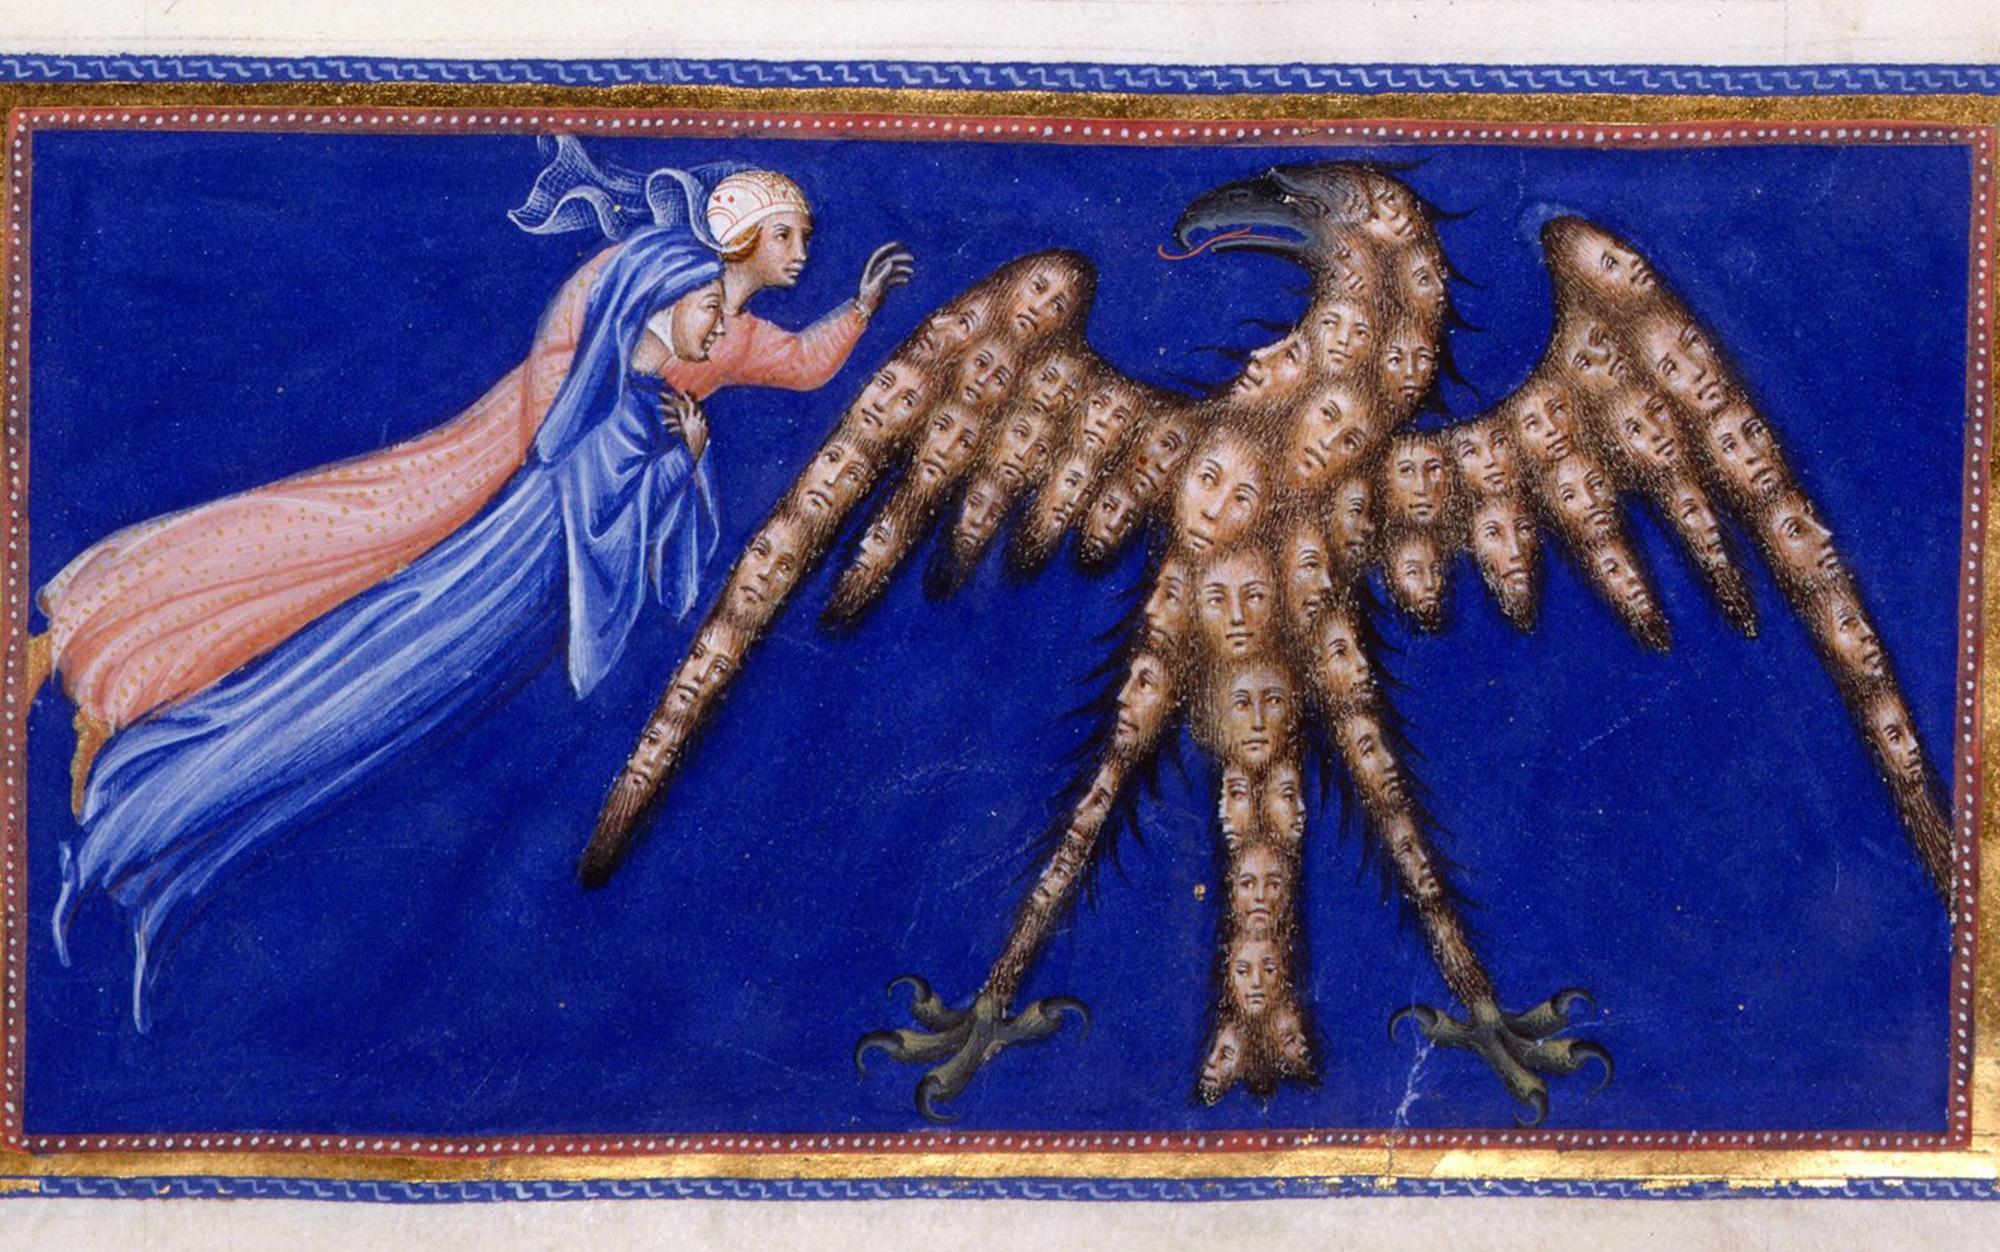 The divine Dante | Aeon